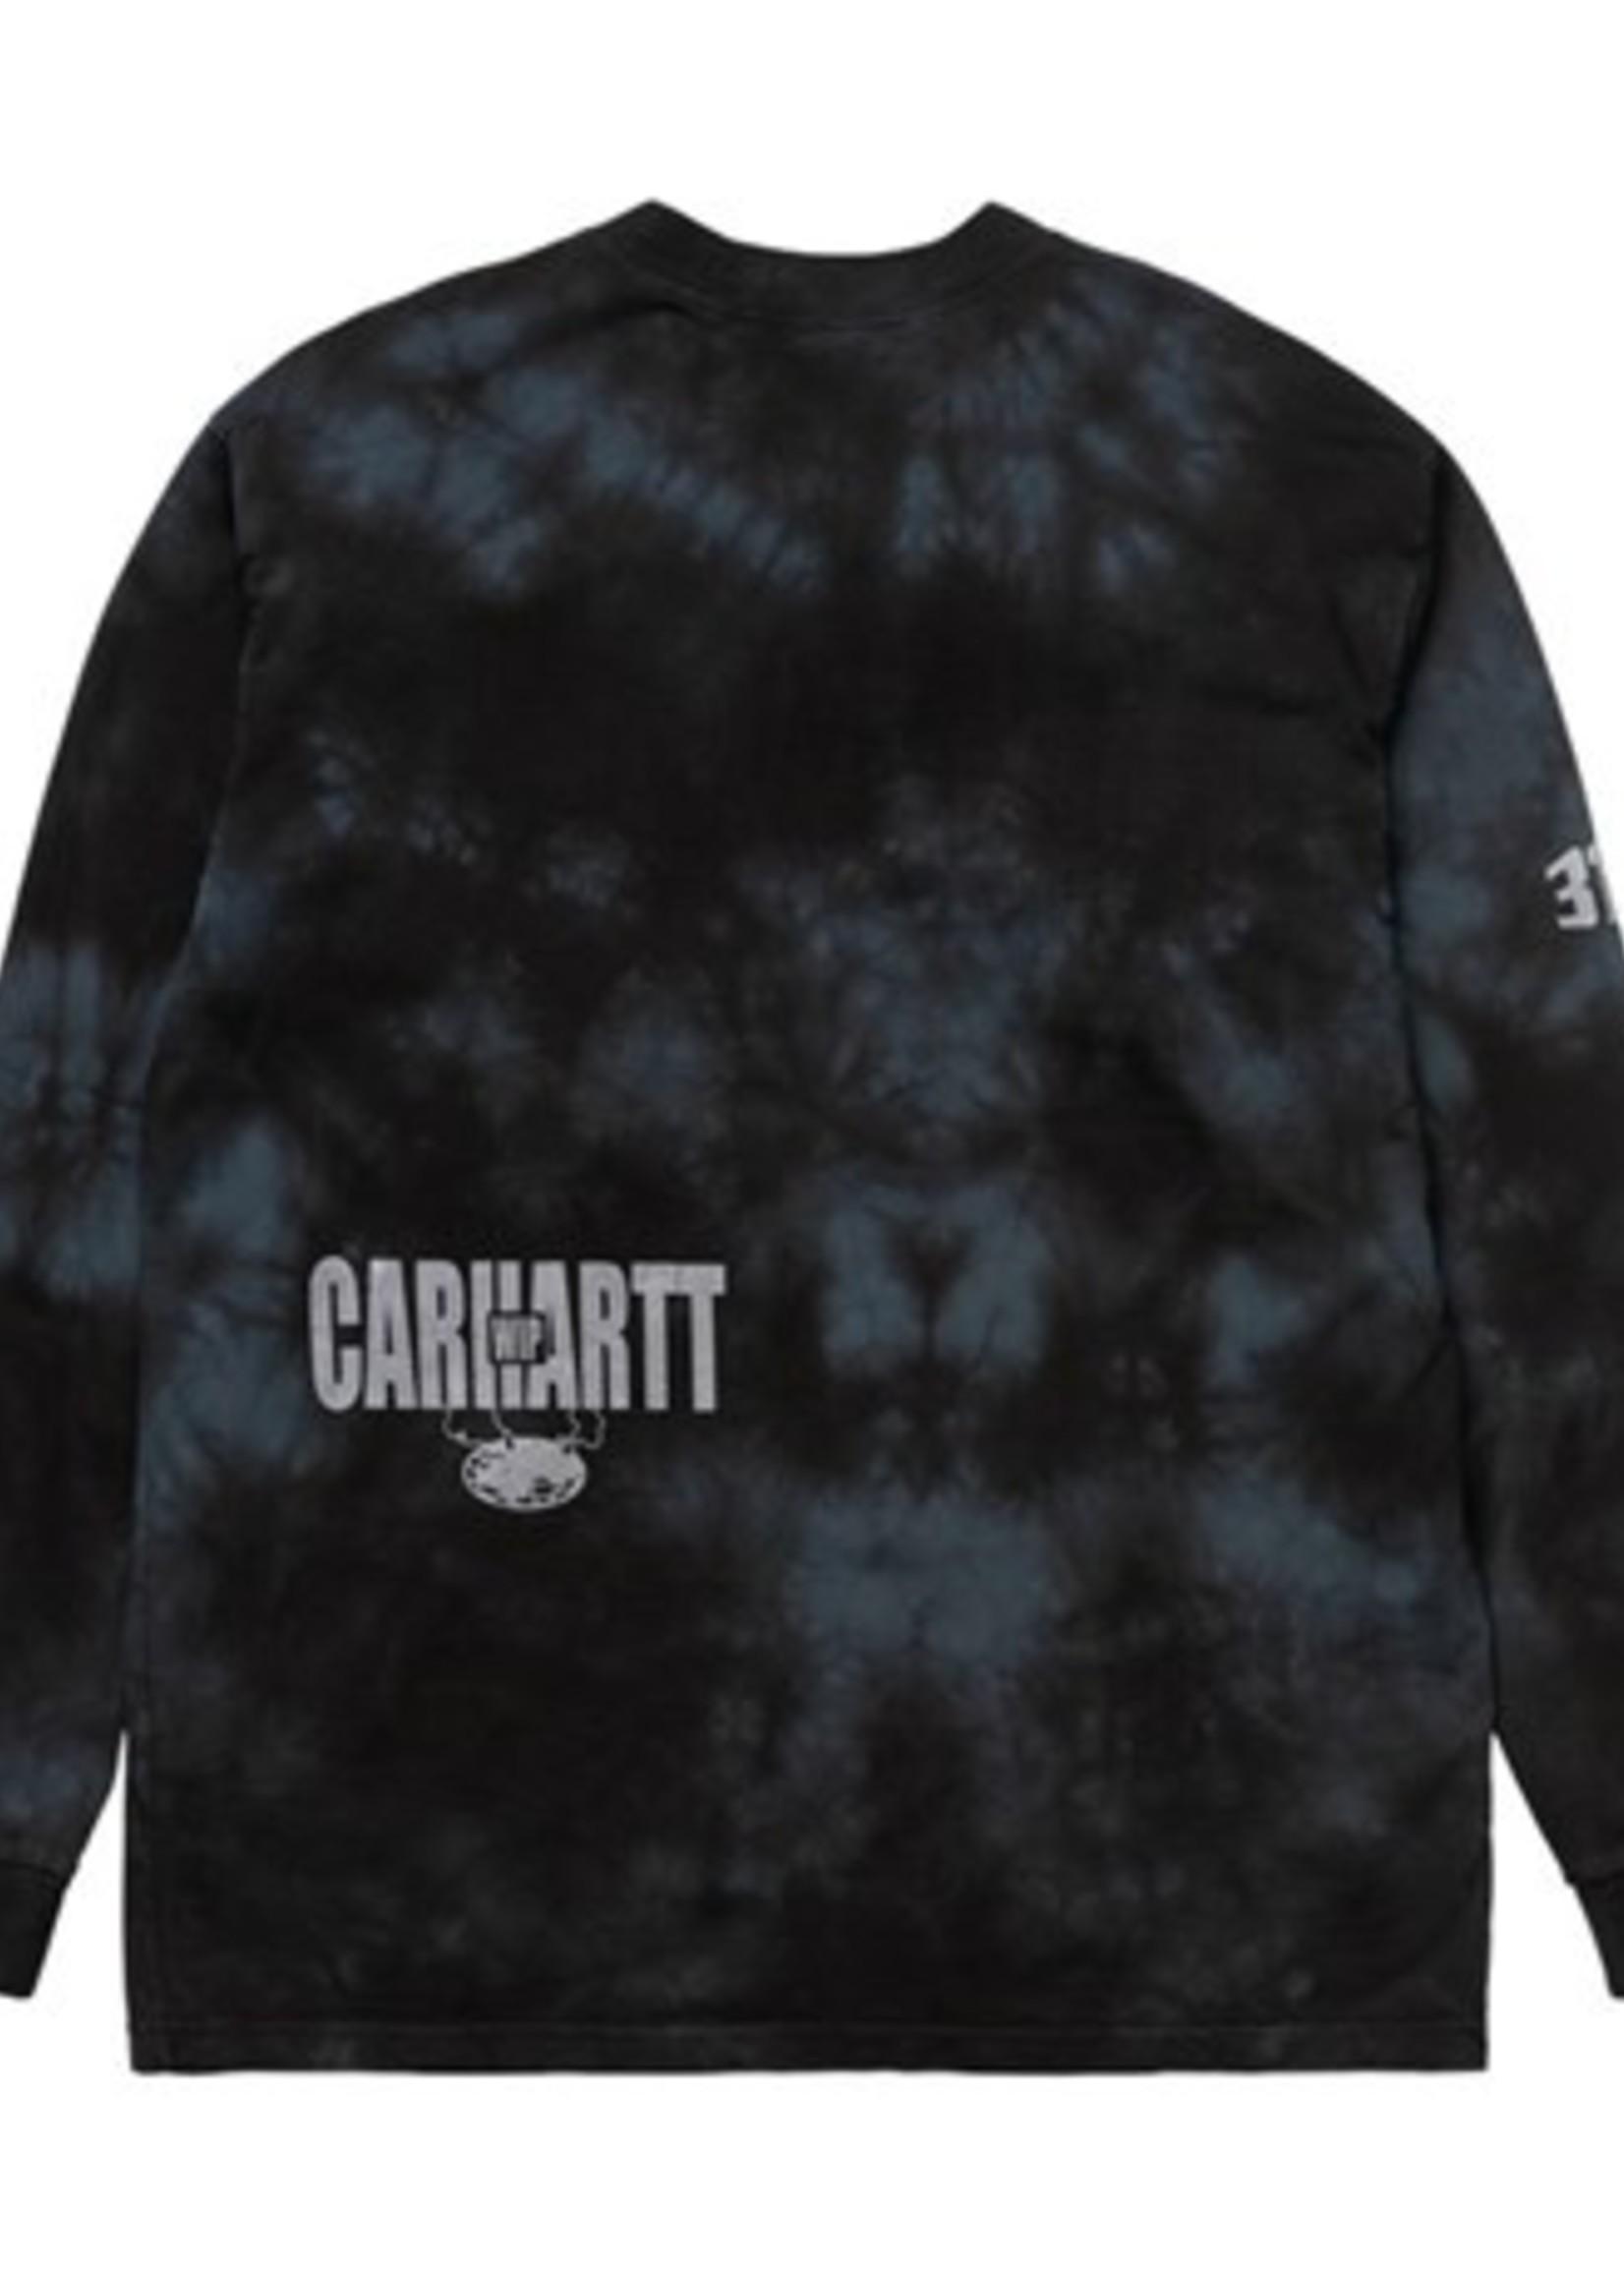 Carhartt Work In Progress Long Sleeve Tab Tee in Black Tie Dye